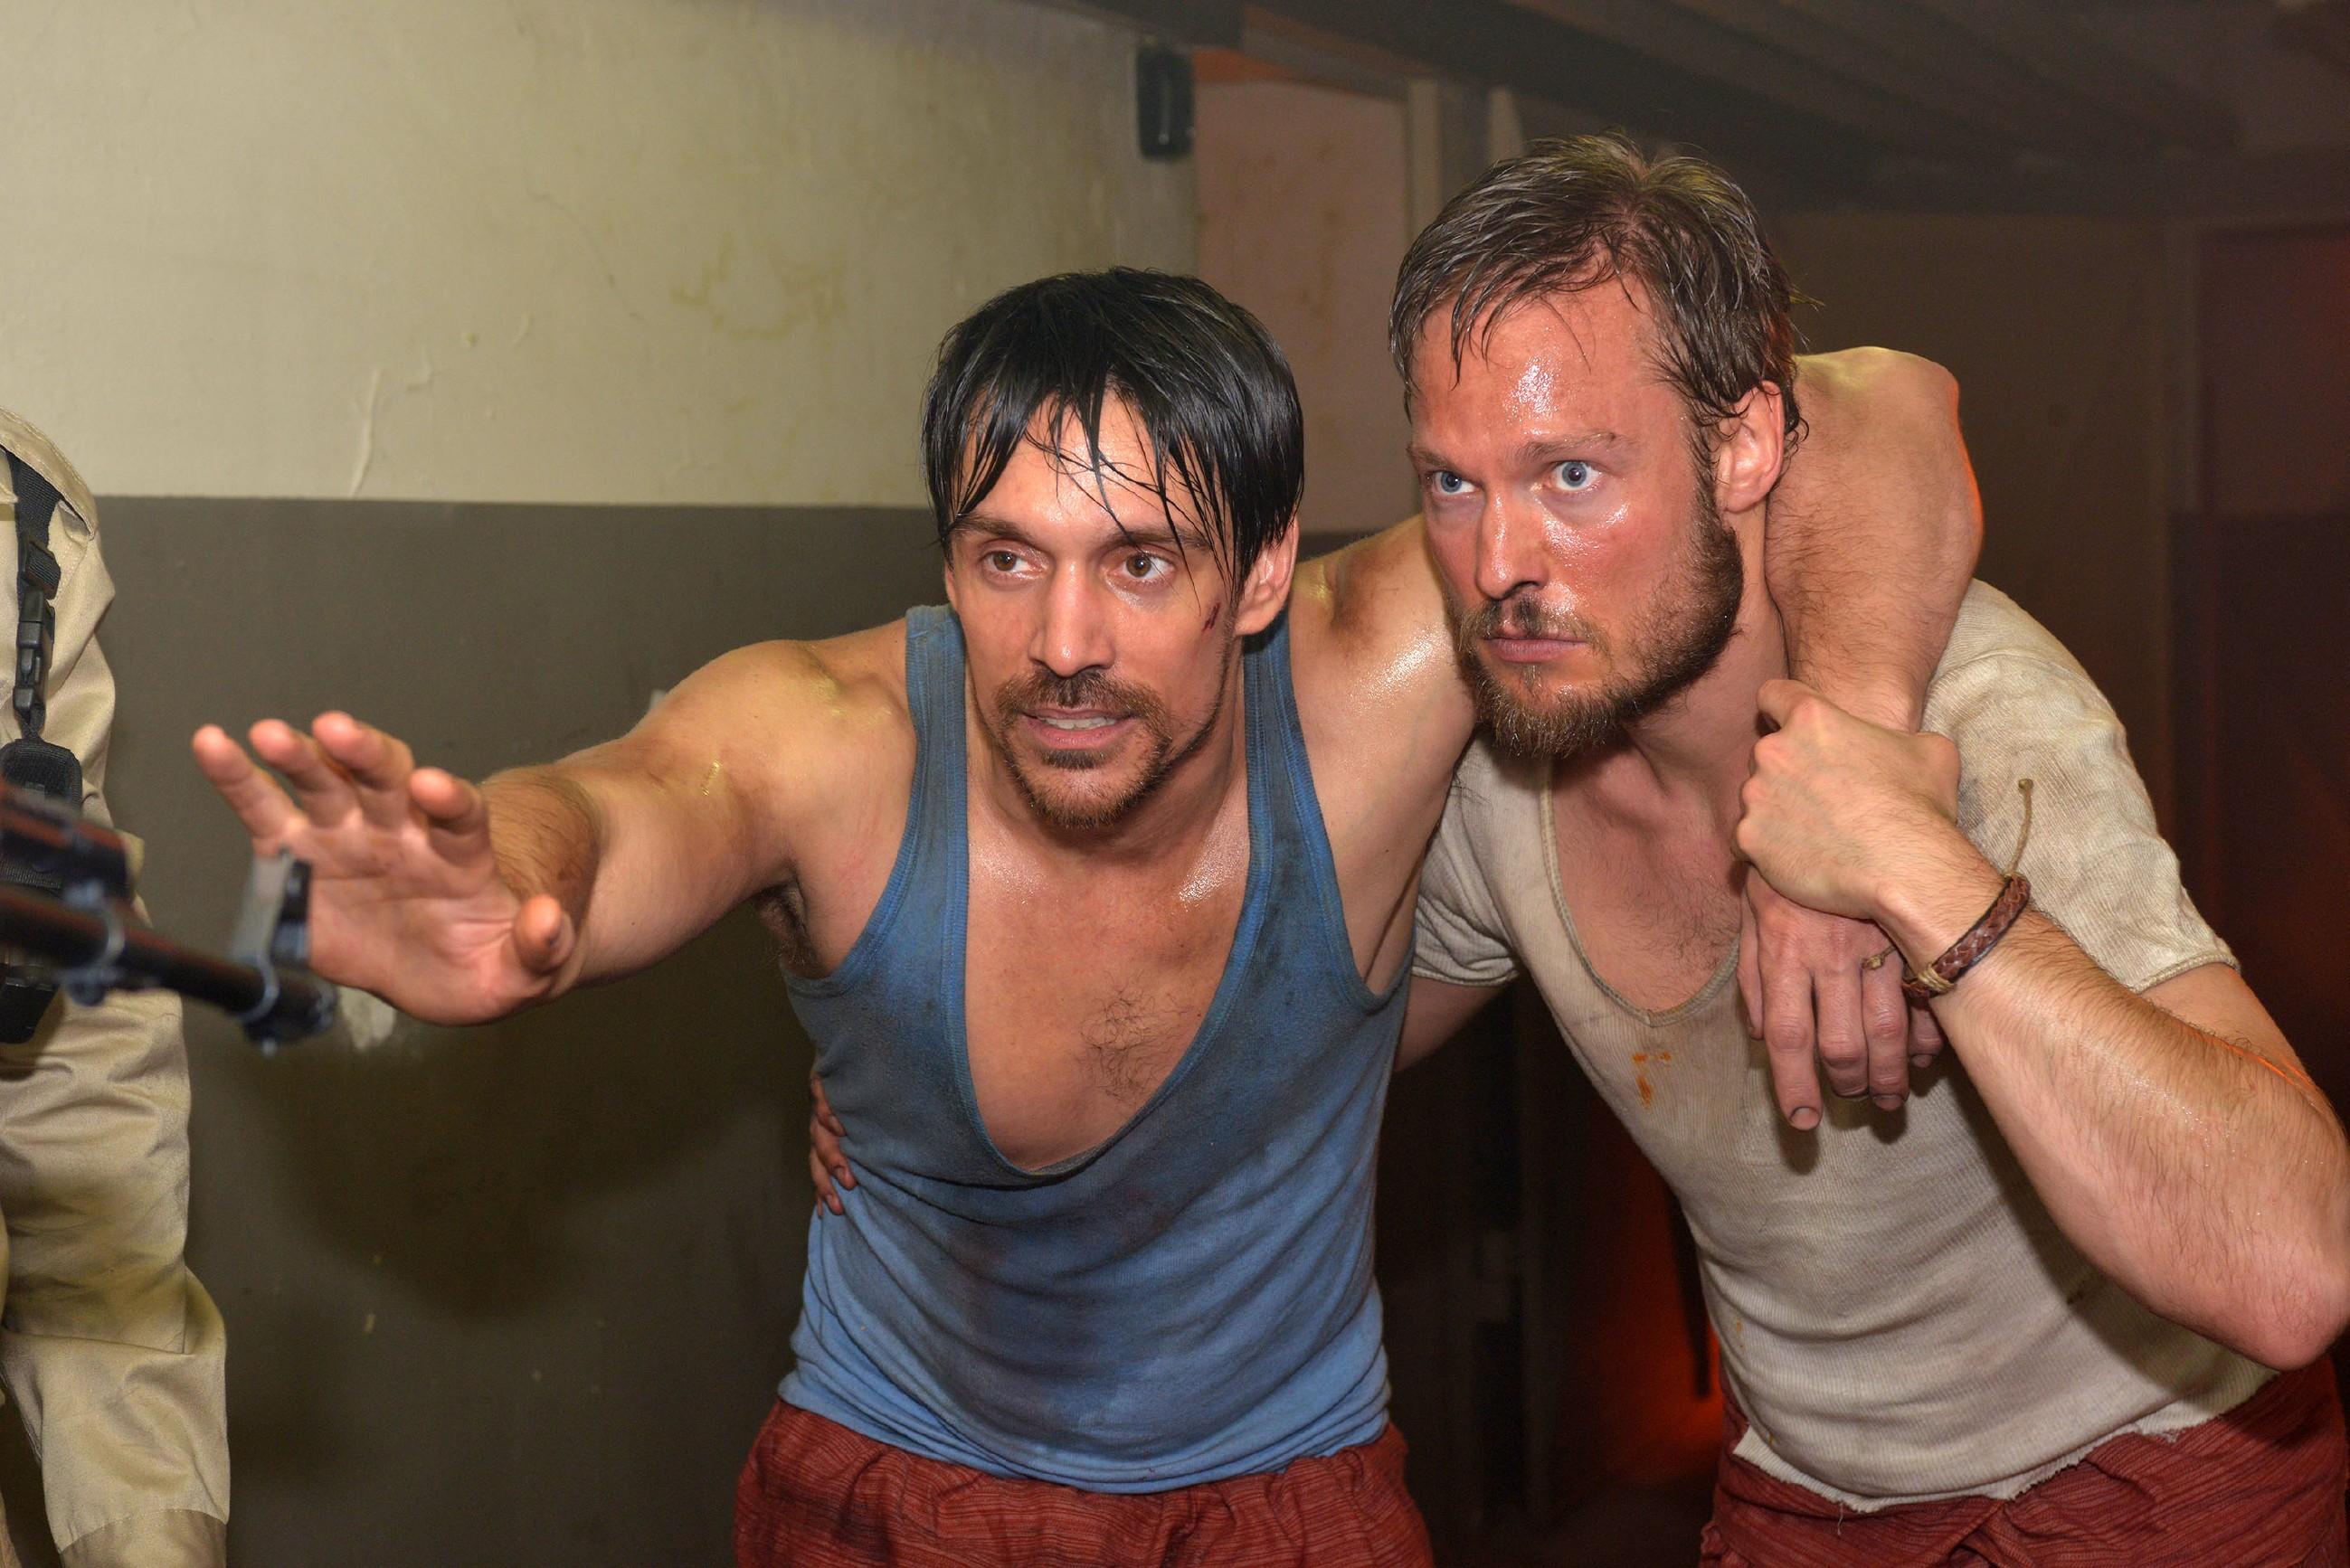 Davids (Philipp Christopher, l.) und Tommys (Marc Bluhm) Fluchtversuch aus dem malaysischen Gefängnis scheint zu scheitern... (Quelle: RTL / Rolf Baumgartner)